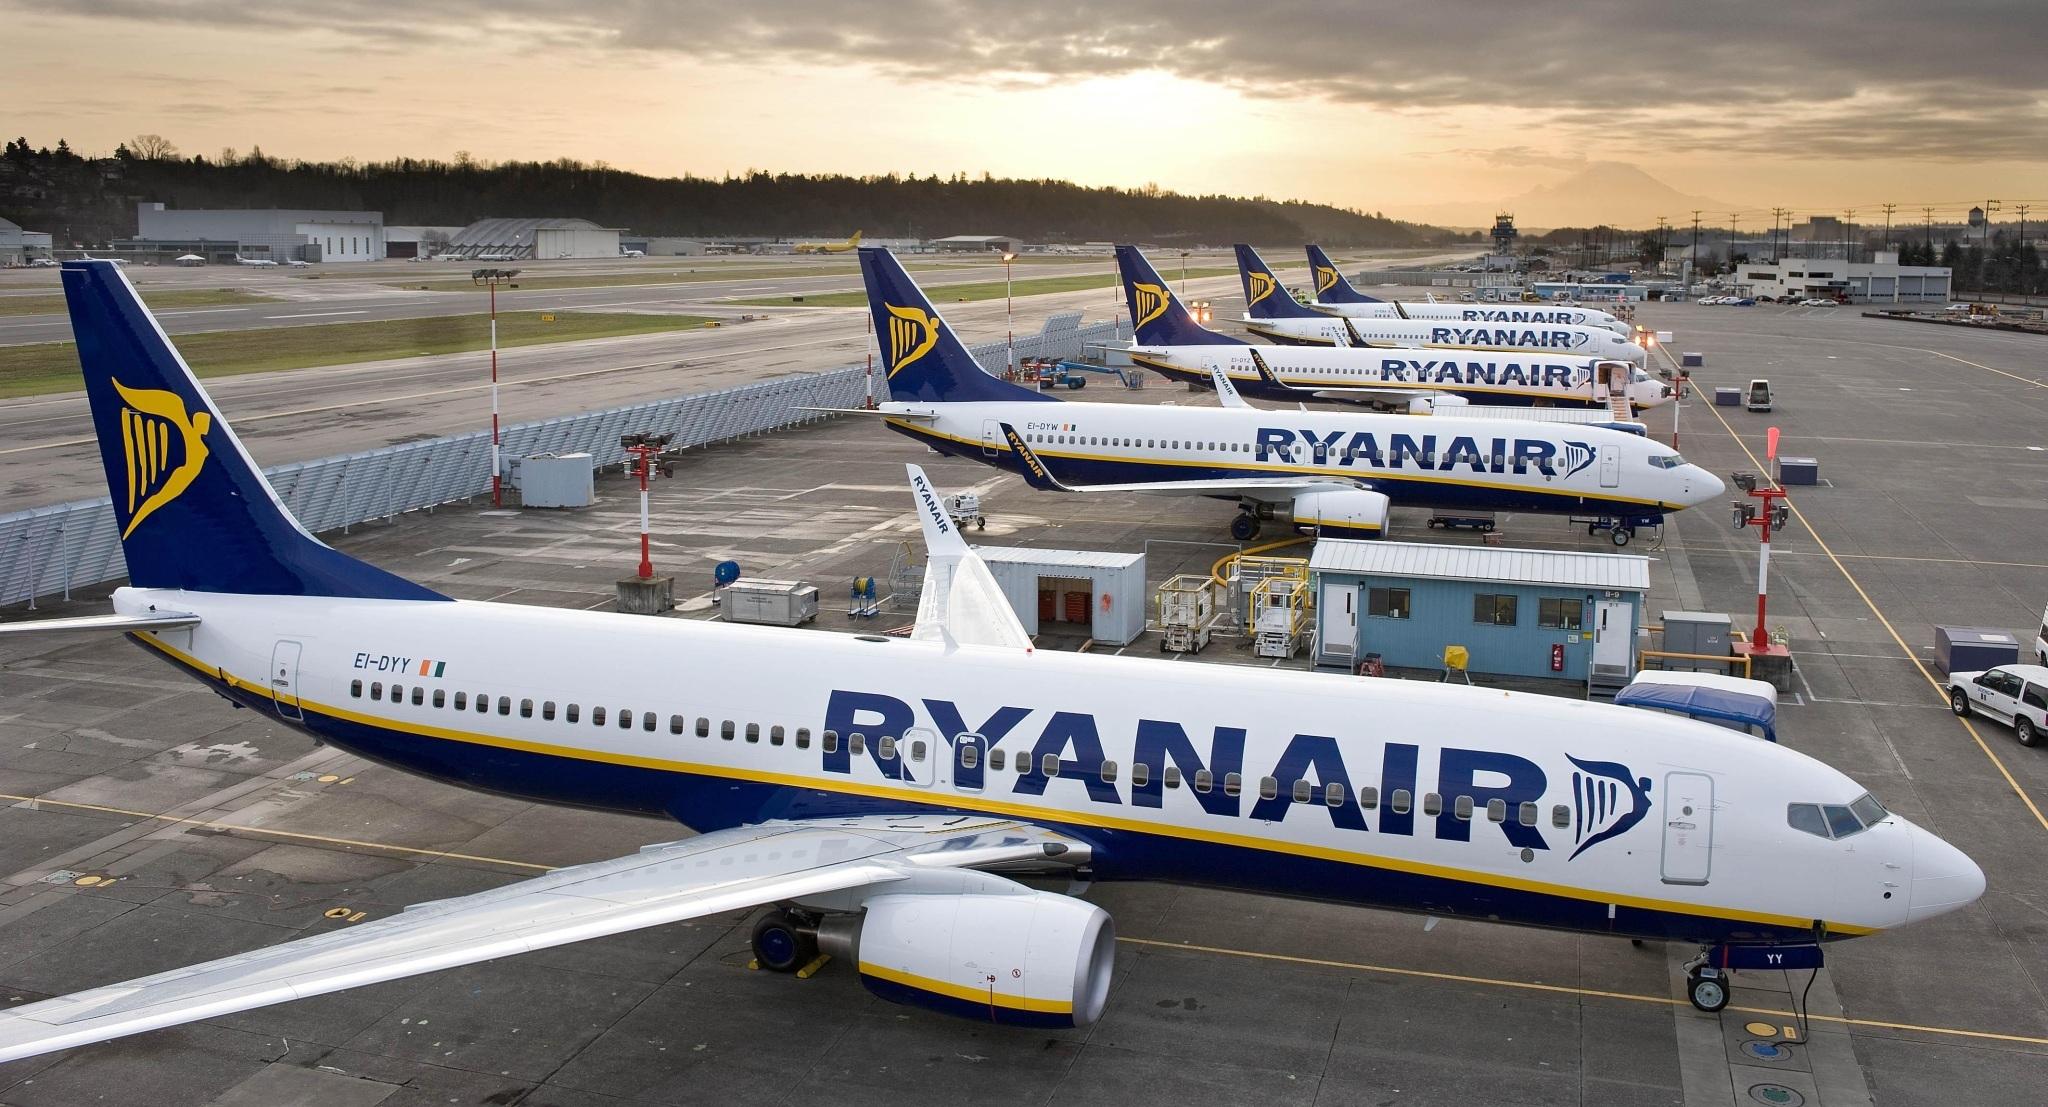 Ryanair przewiduje wznowienie lotów w czerwcu. Wrócą też podróże za grosze – mają być śmiesznie tanie bilety.